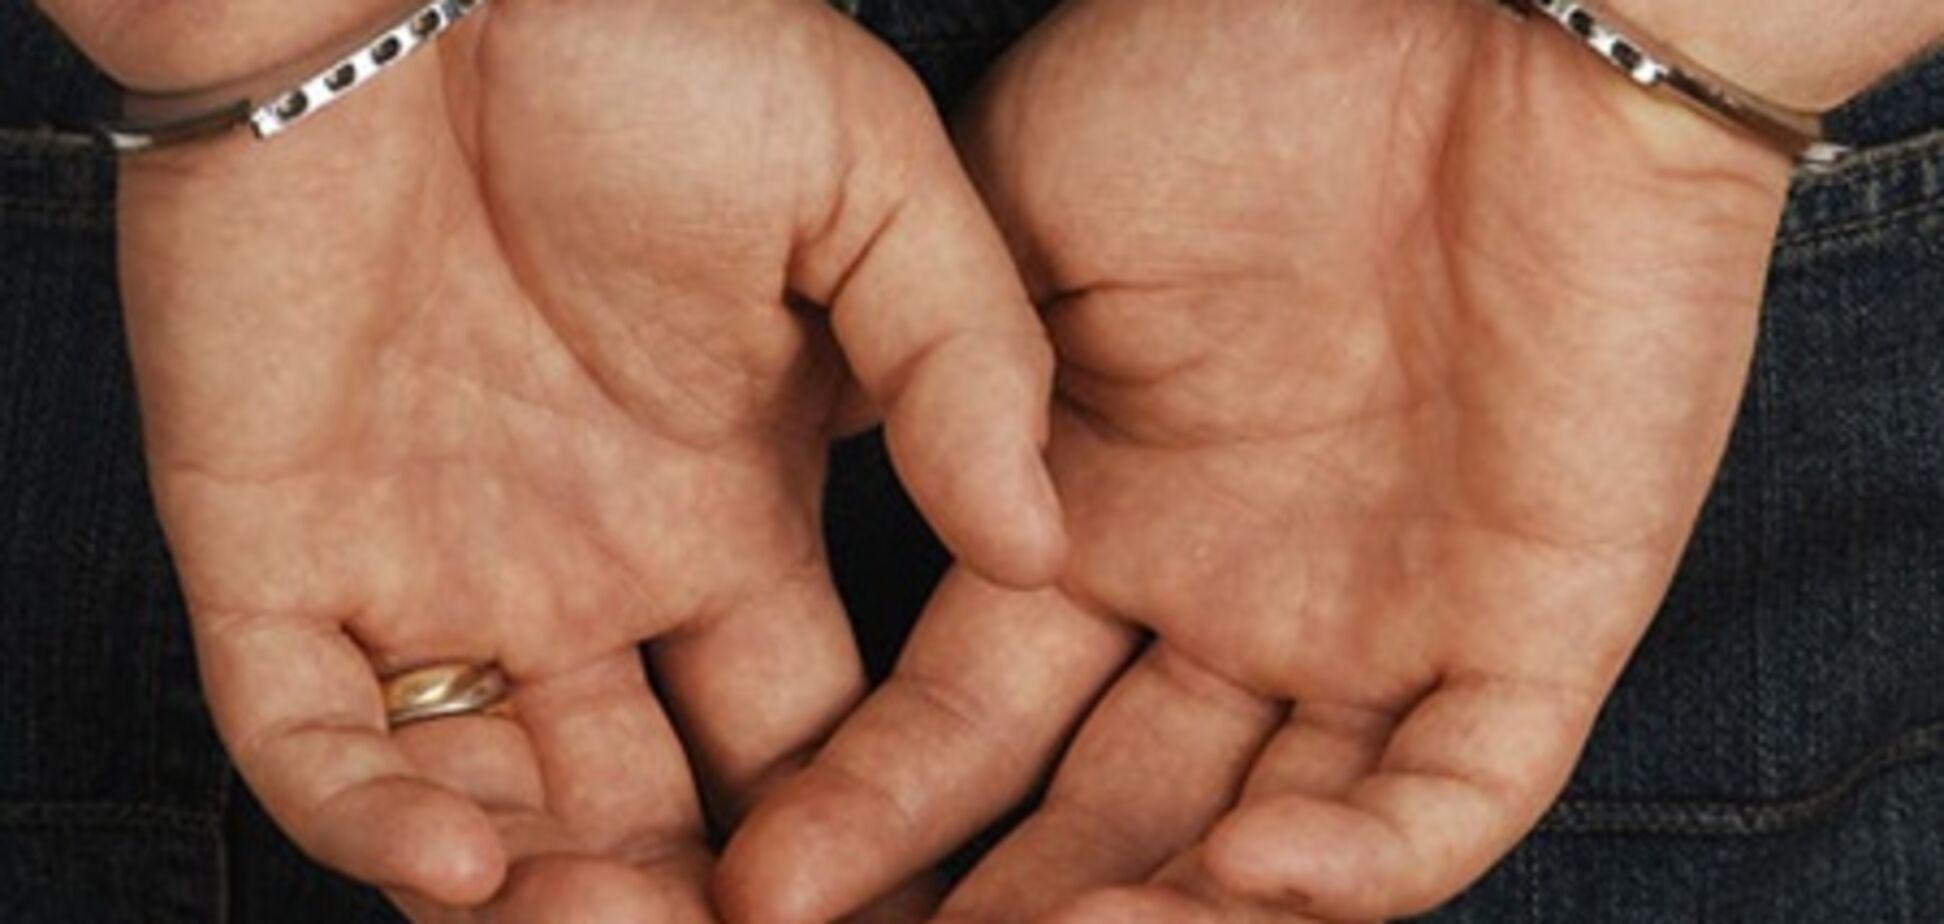 На Тернопільщині шахрай видурив у людей $ 100 тис